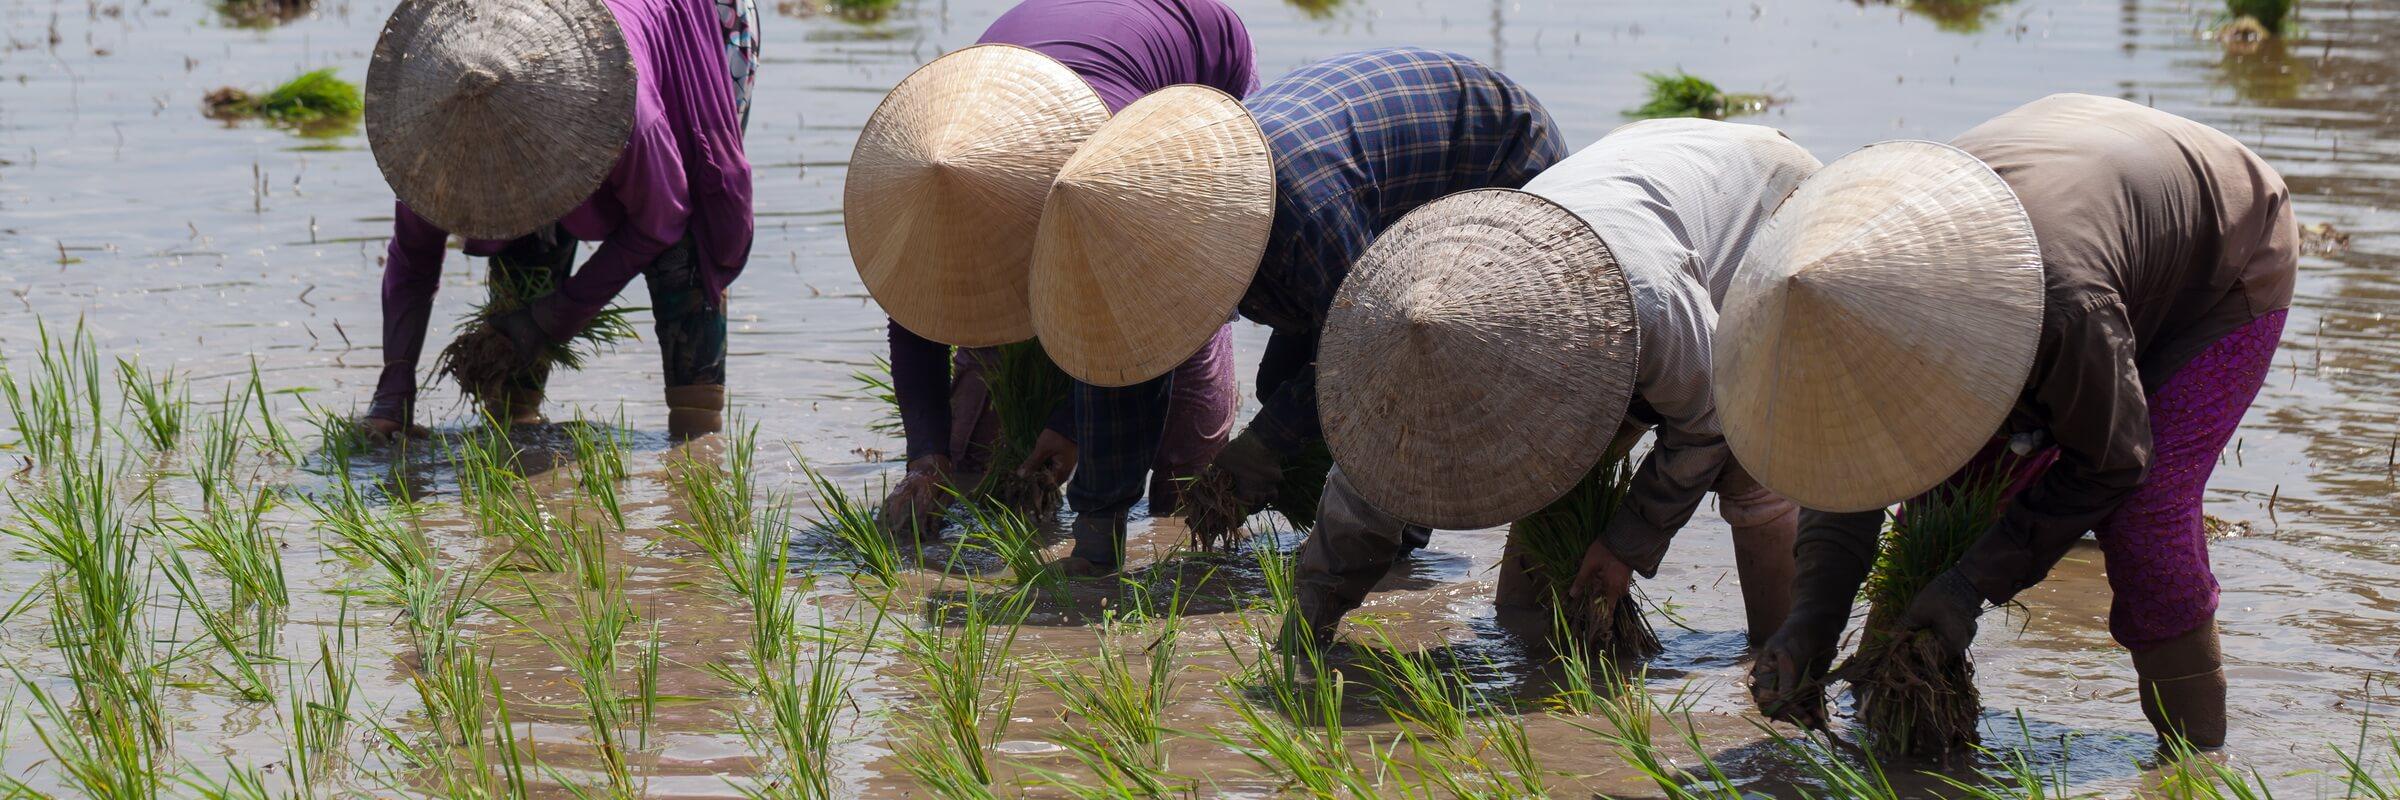 Reisanbau in Vietnam ist Gemeinschaftsarbeit, oft müssen Dörfer, Distrikte und ganze Provinzen dafür koordiniert zusammenarbeiten.